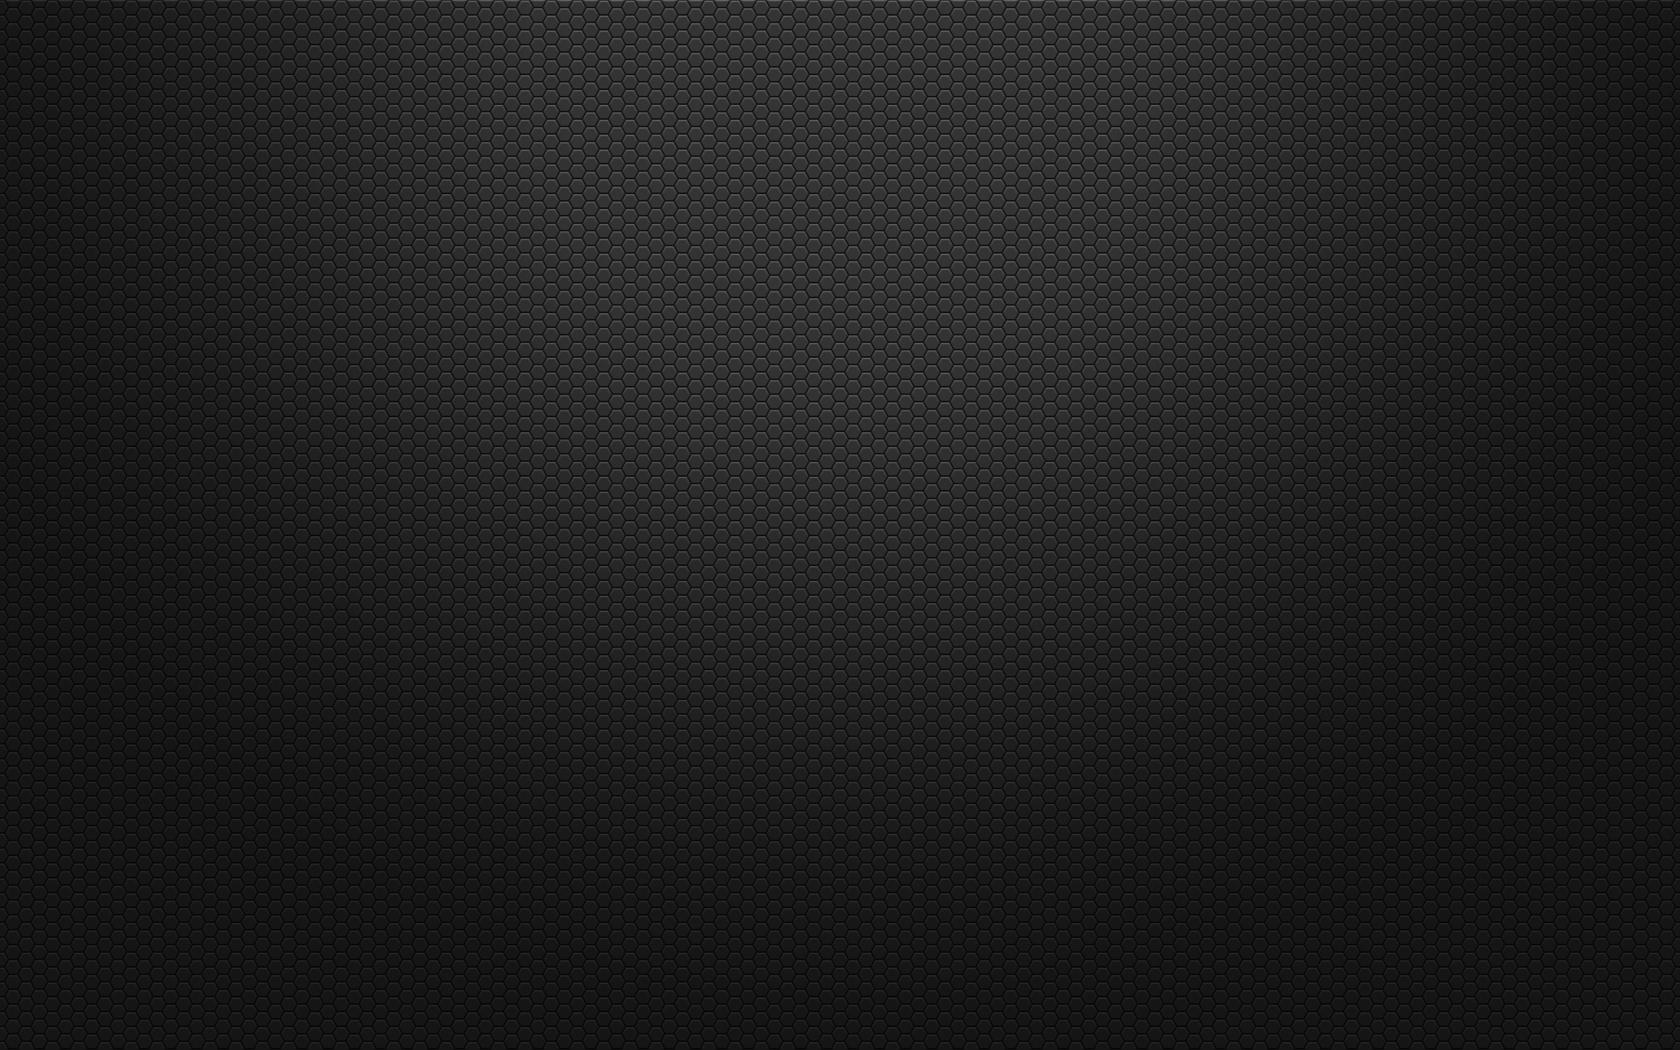 Plain Black Wallpapers Hd Wallpapersafari